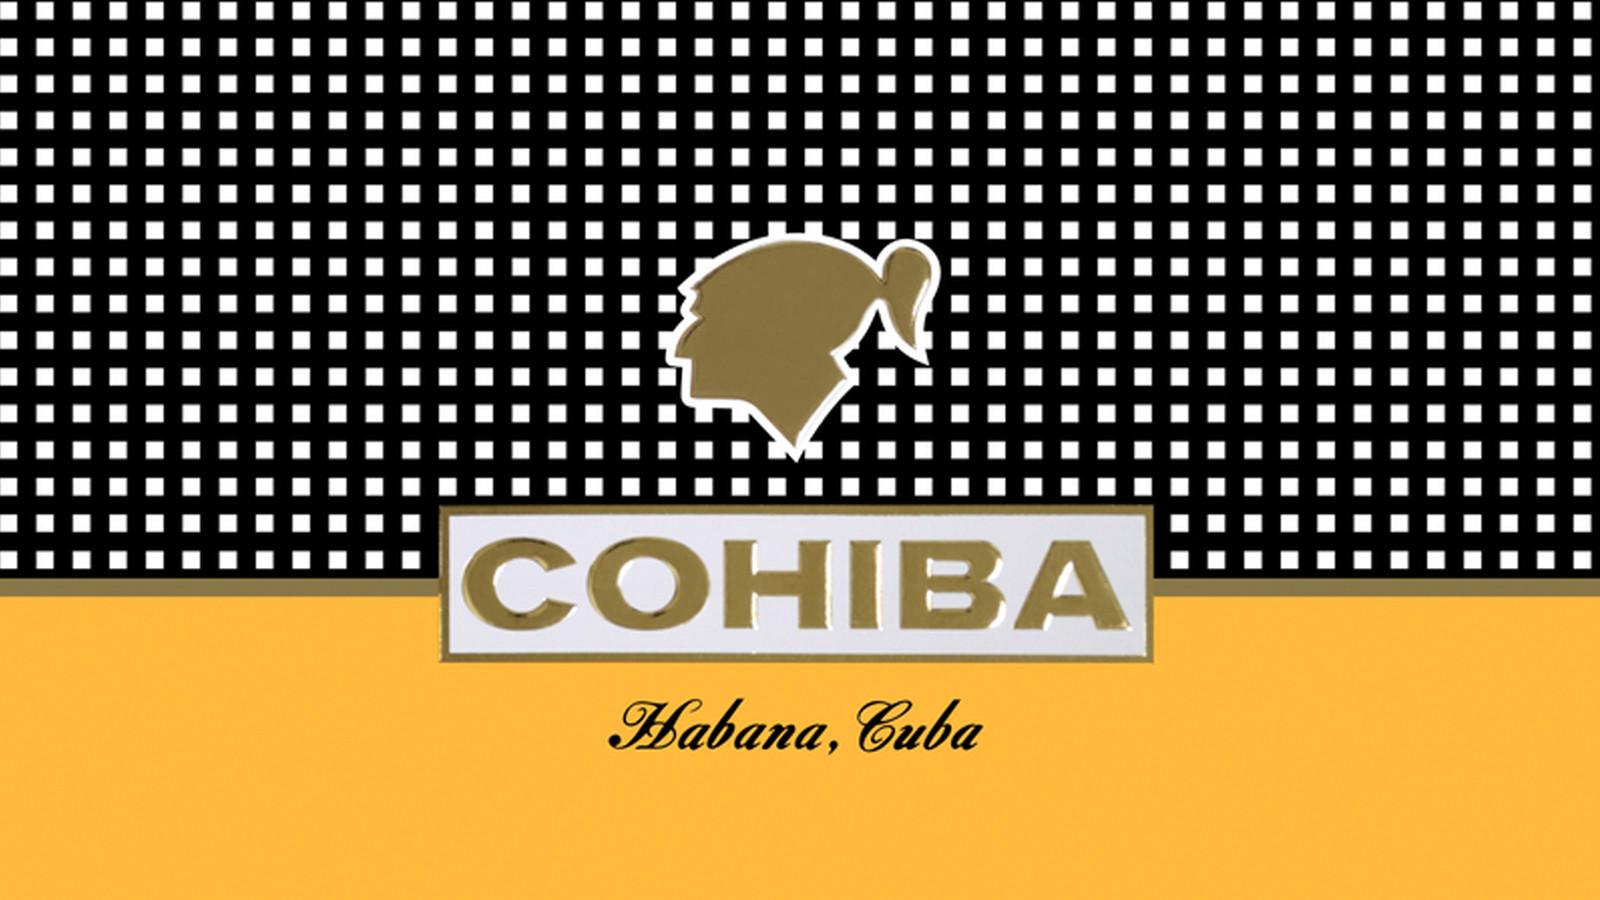 cohiba3.jpg